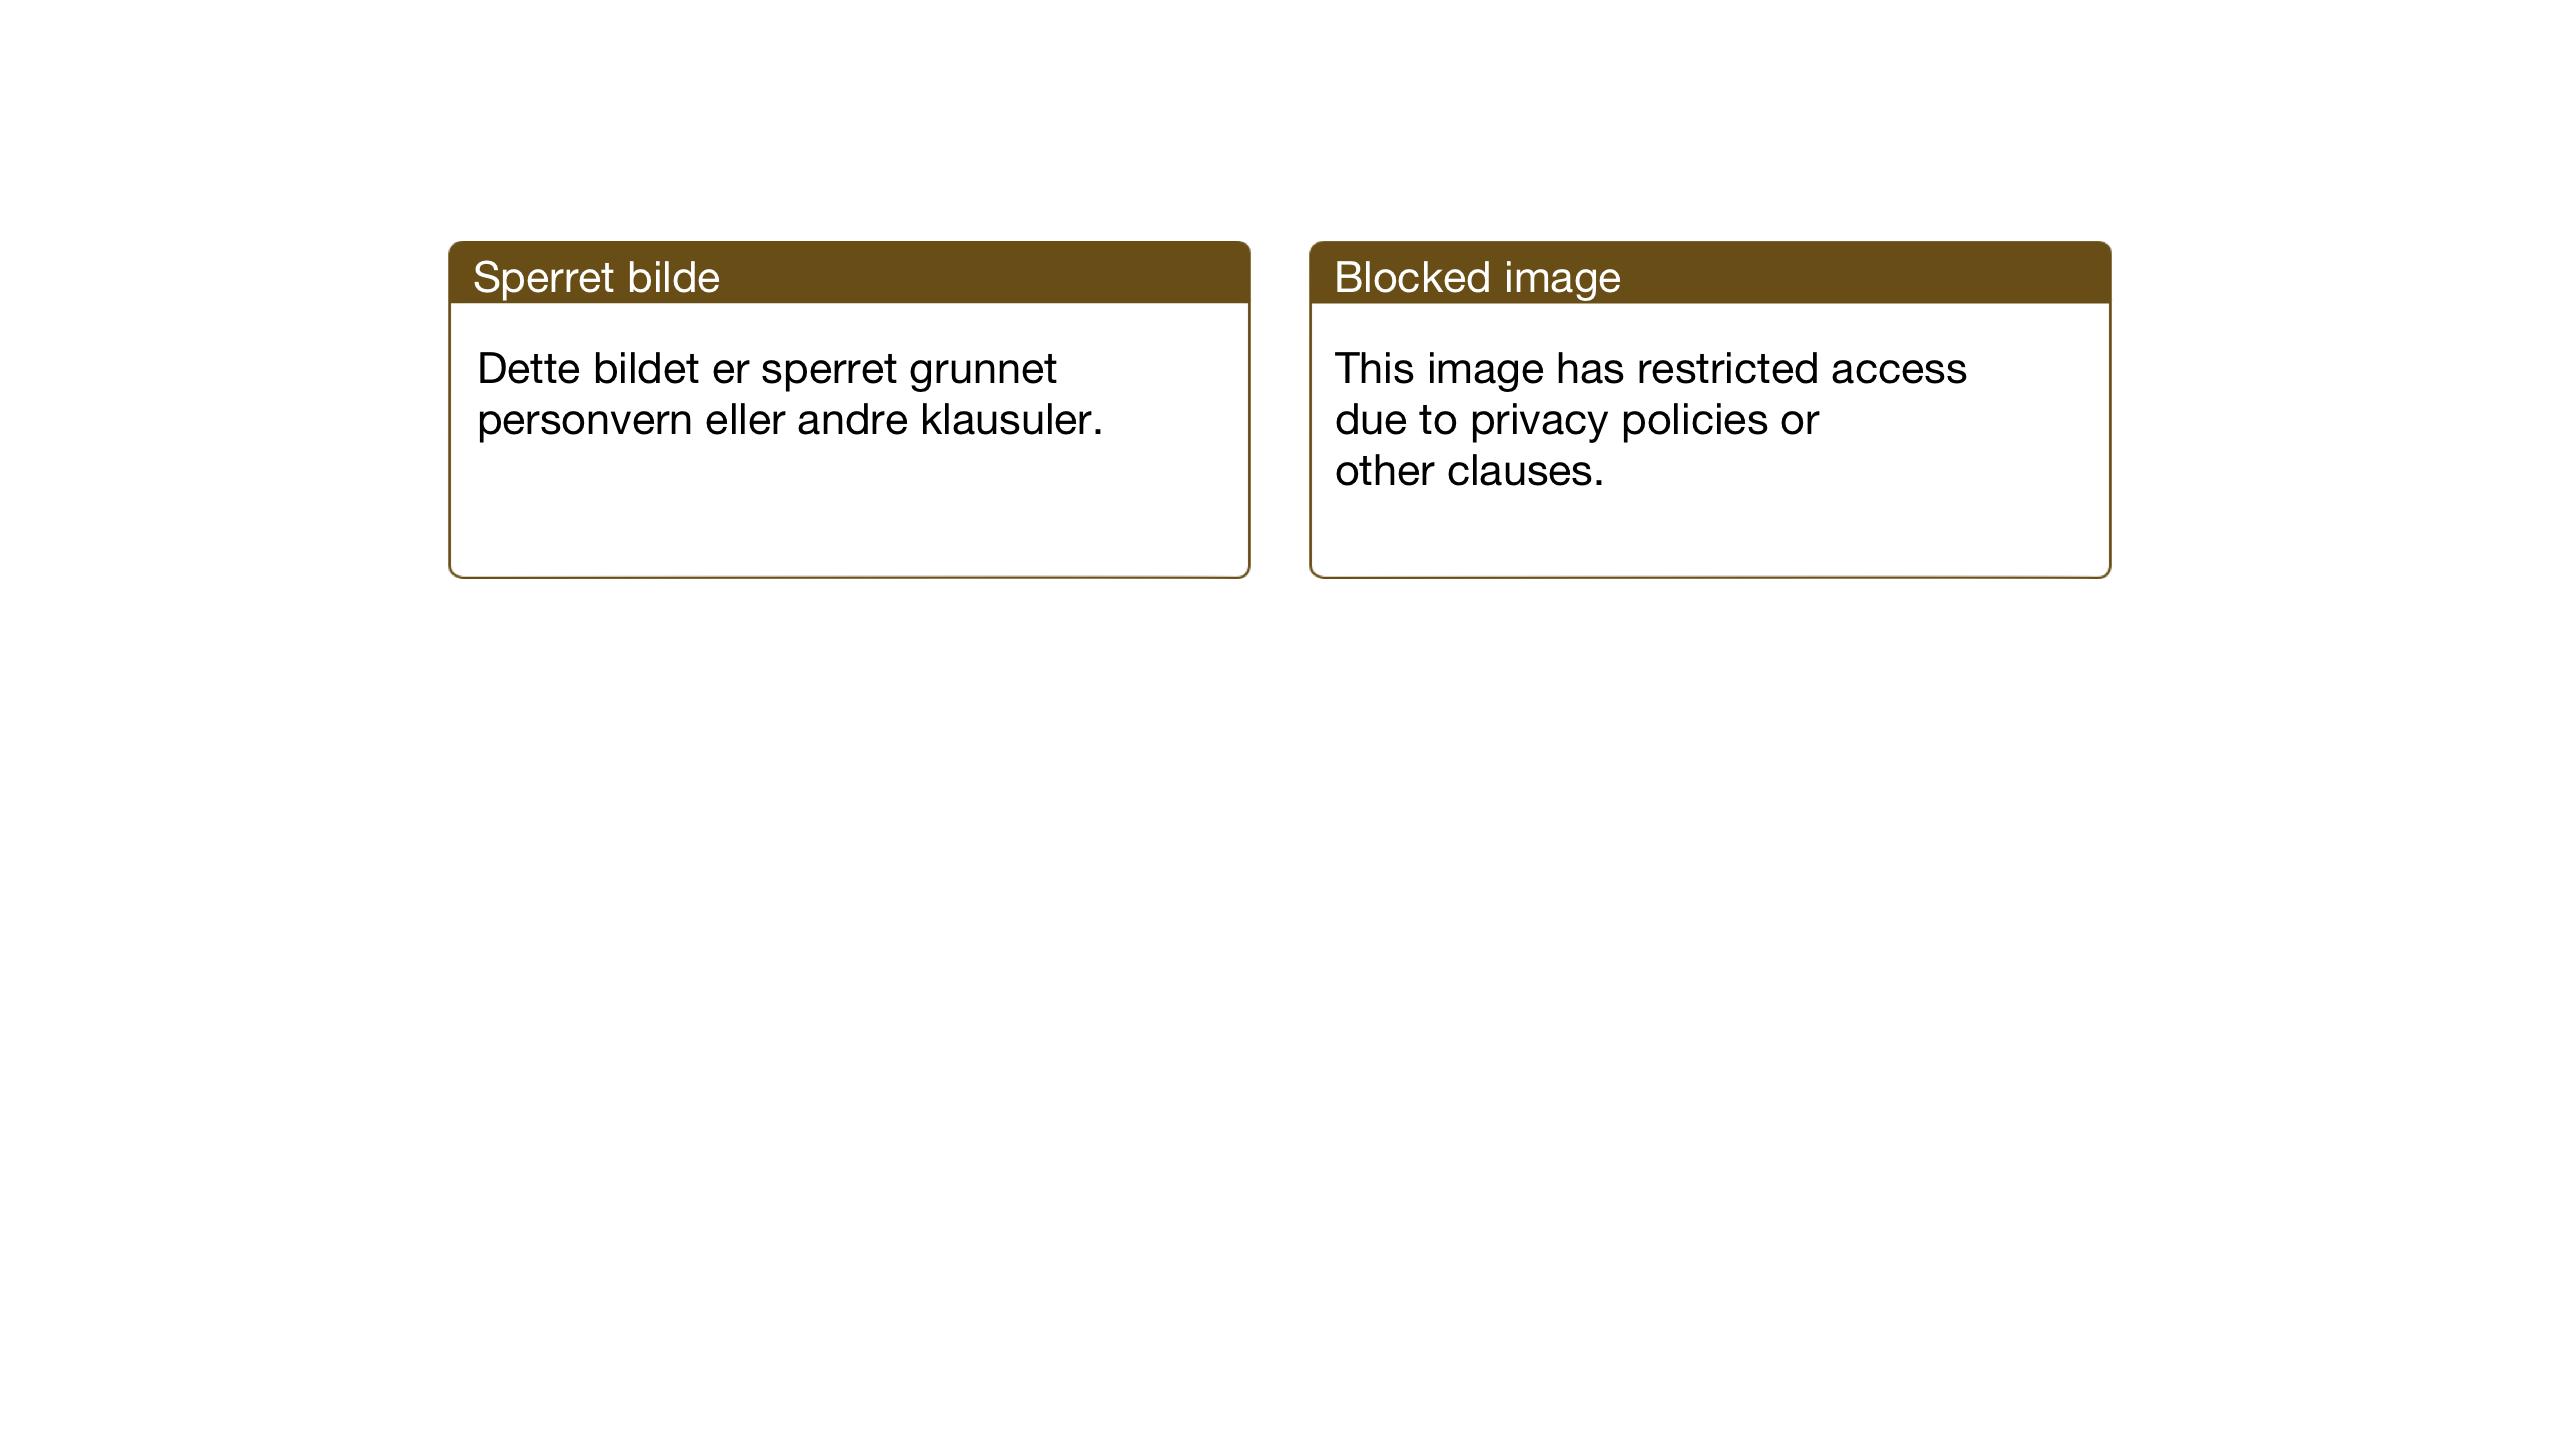 SAT, Ministerialprotokoller, klokkerbøker og fødselsregistre - Nord-Trøndelag, 714/L0136: Klokkerbok nr. 714C05, 1918-1957, s. 259